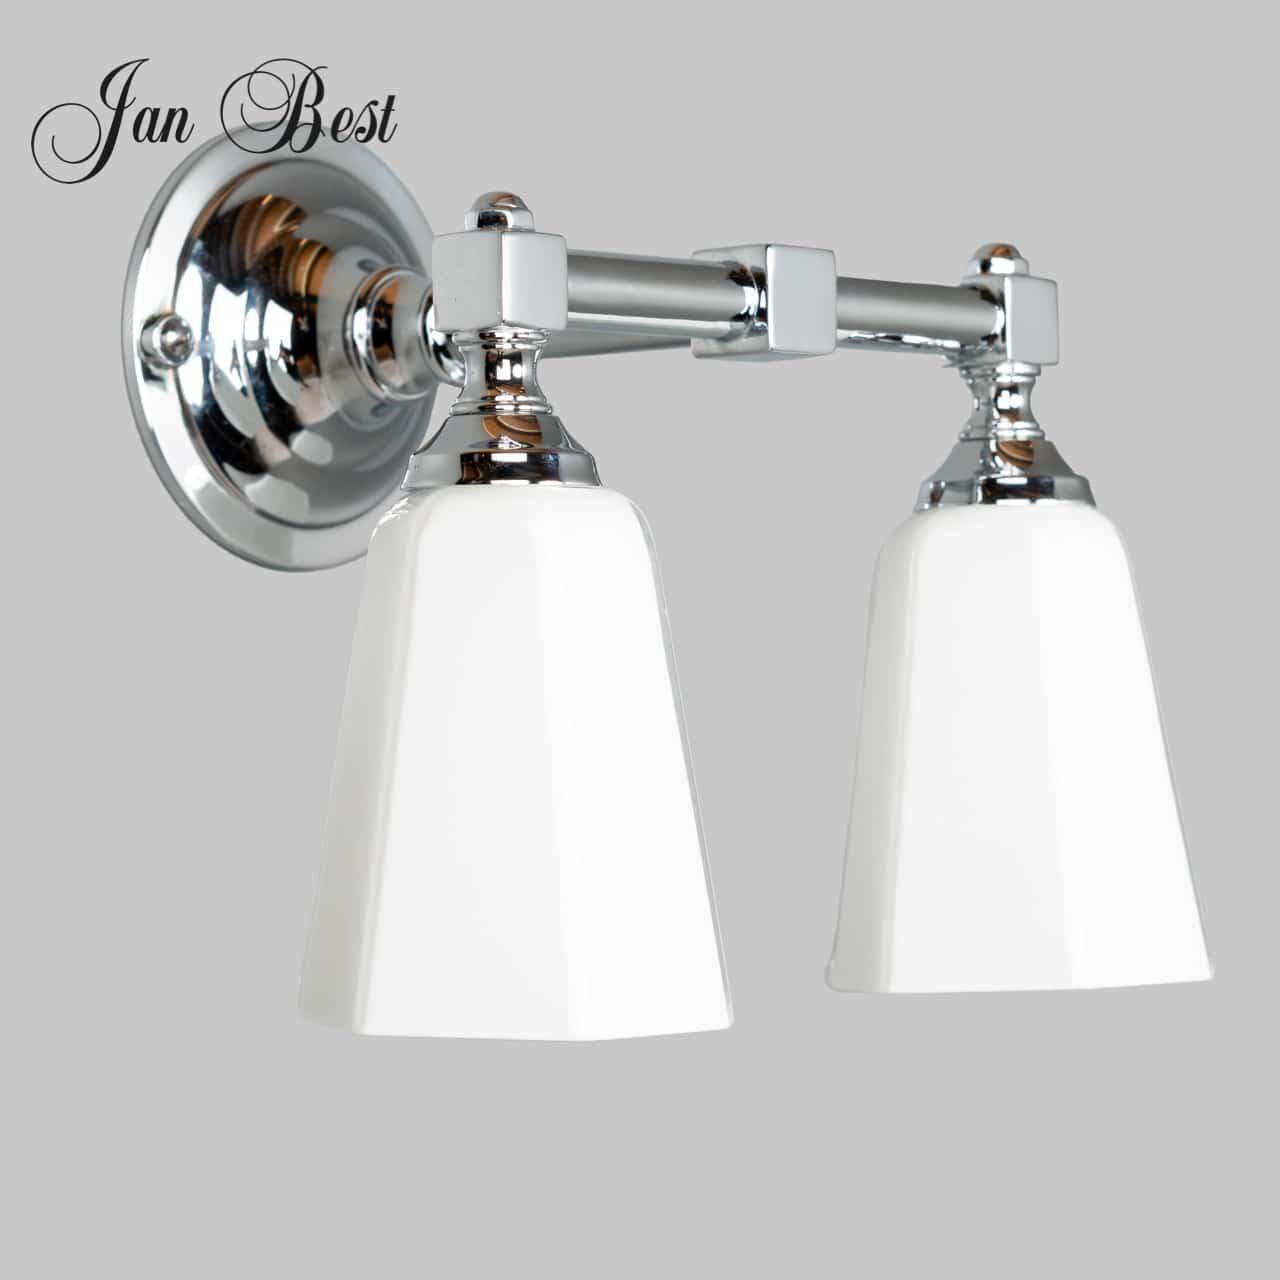 Jan-best-klassieke-nostalgische-horeca-badkamer-verlichting-wandlamp-chroom-messing-aalsmeer